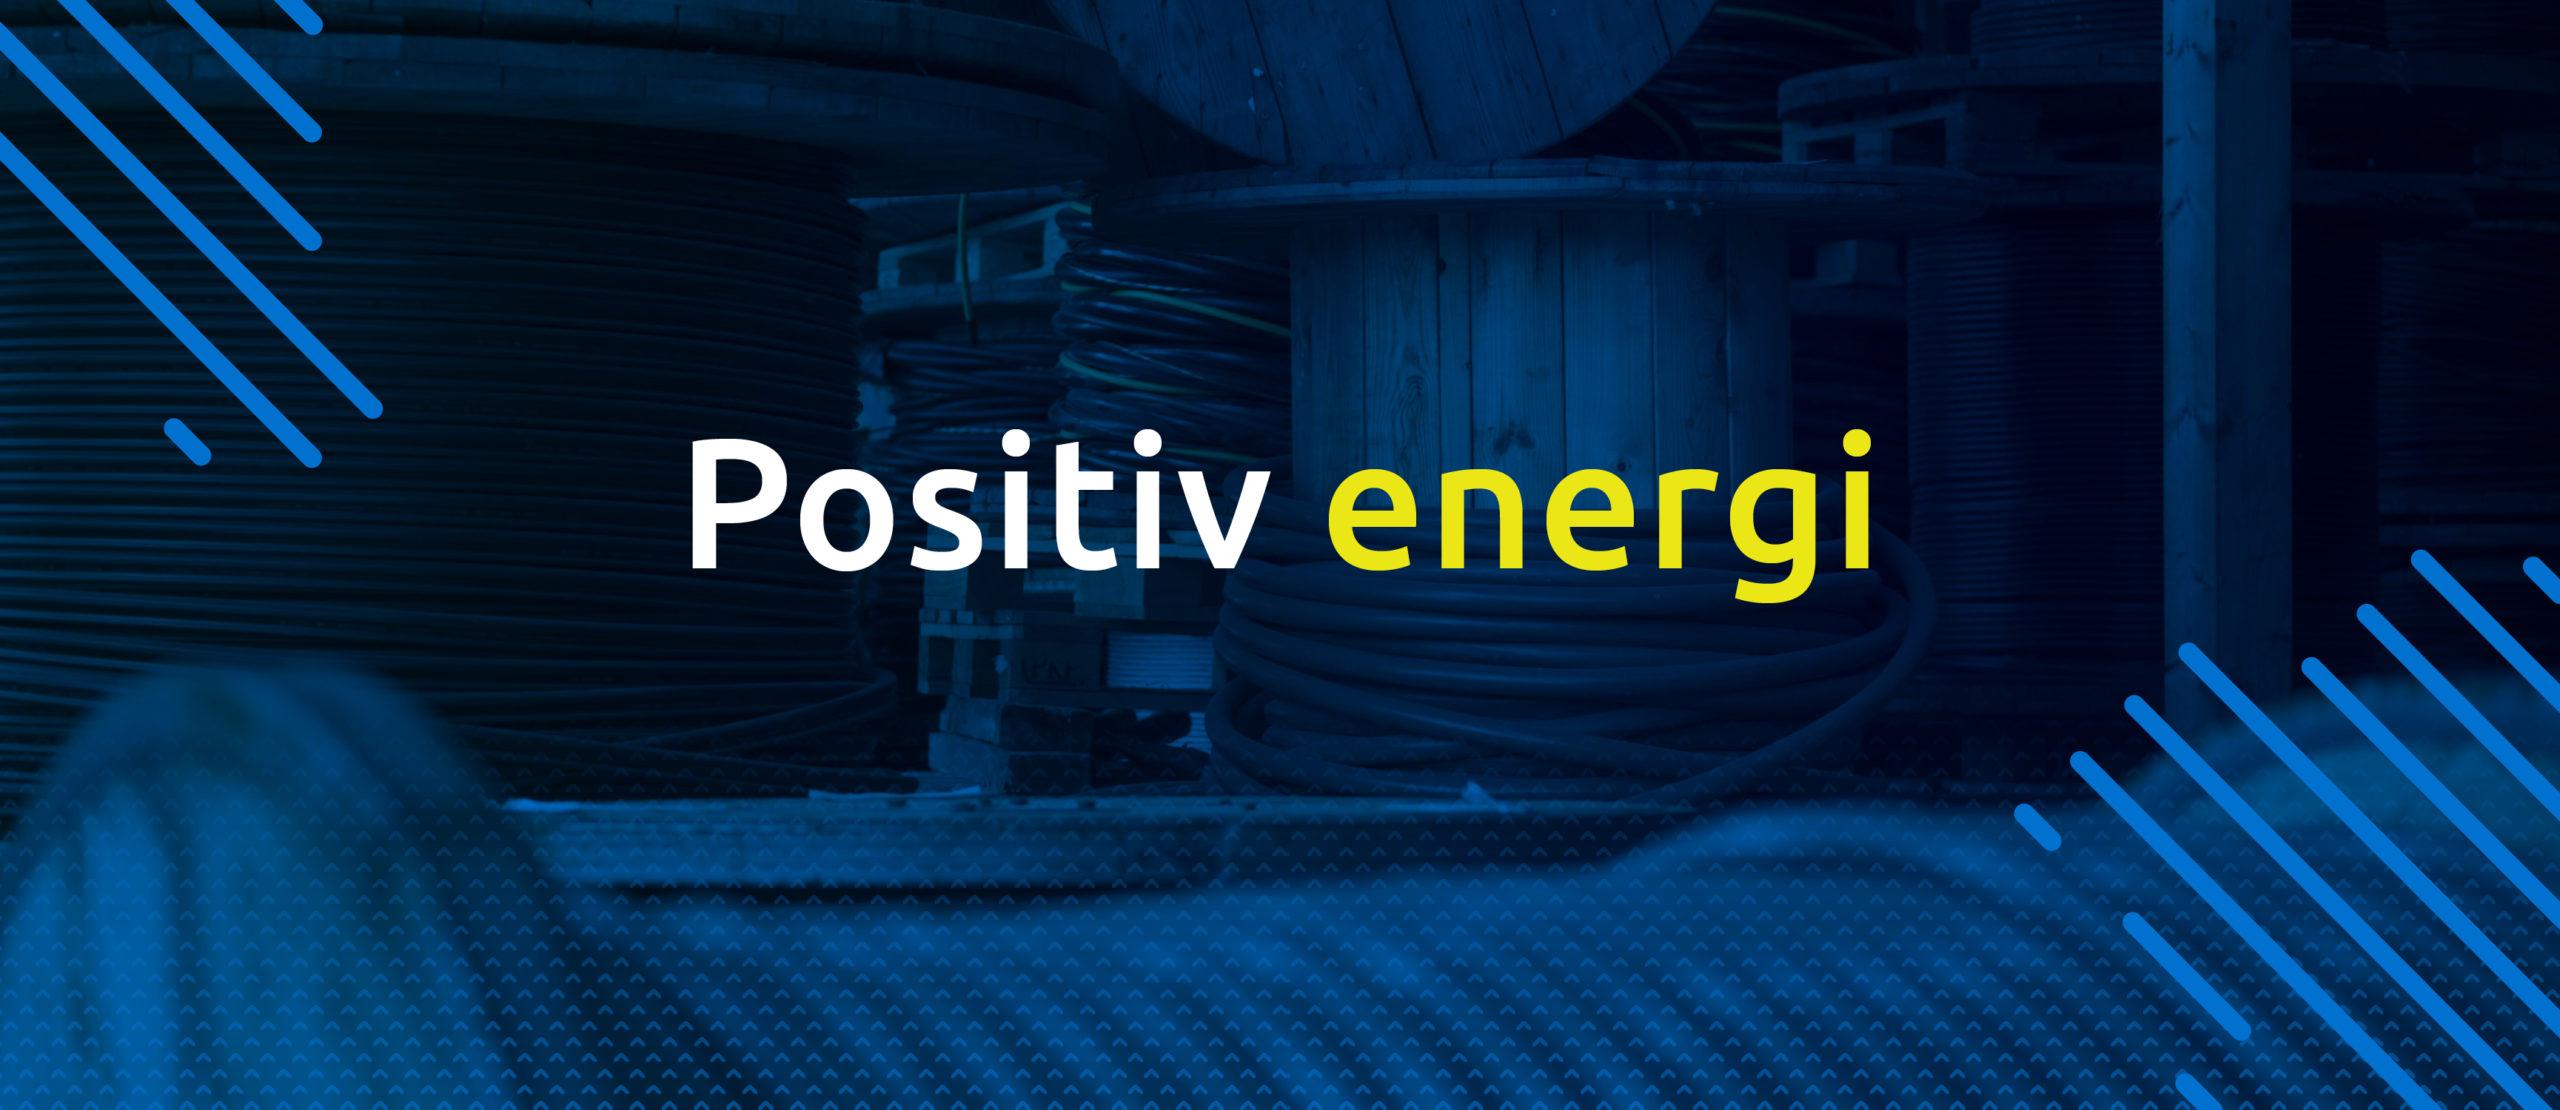 Positiv energi er NØK sitt slagord